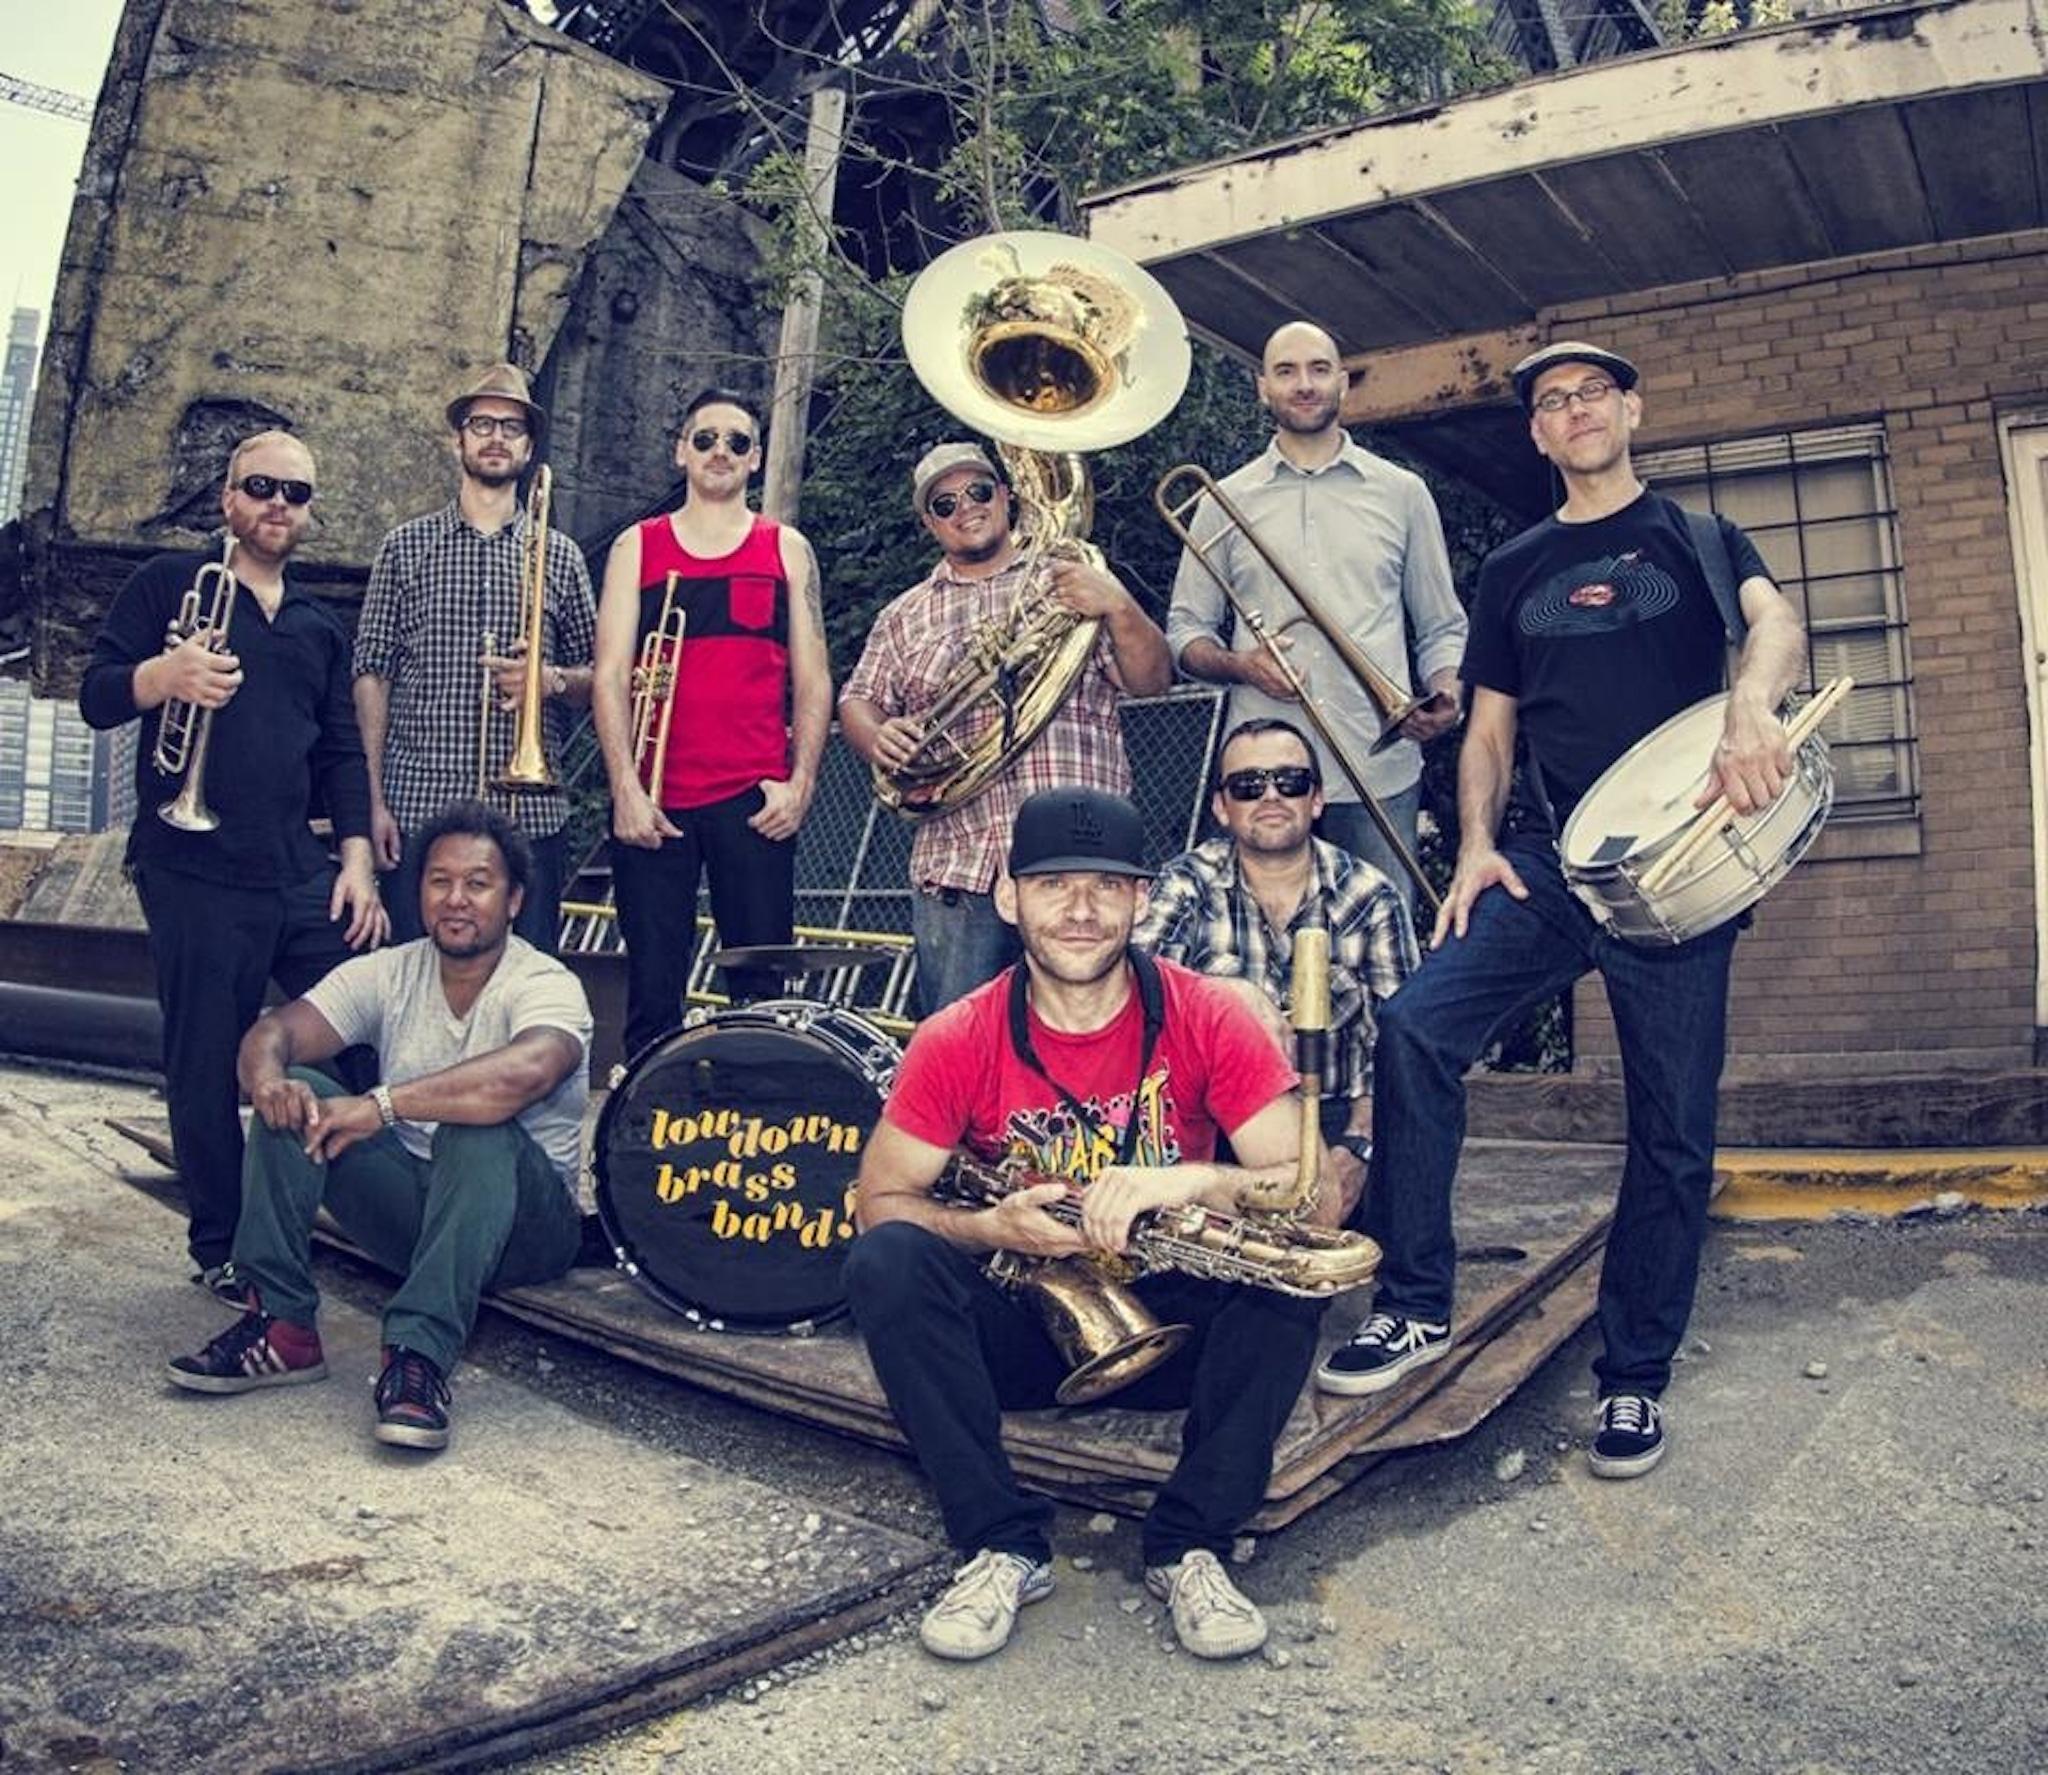 Best Chicago Wedding Bands - Lowdown Brass Band